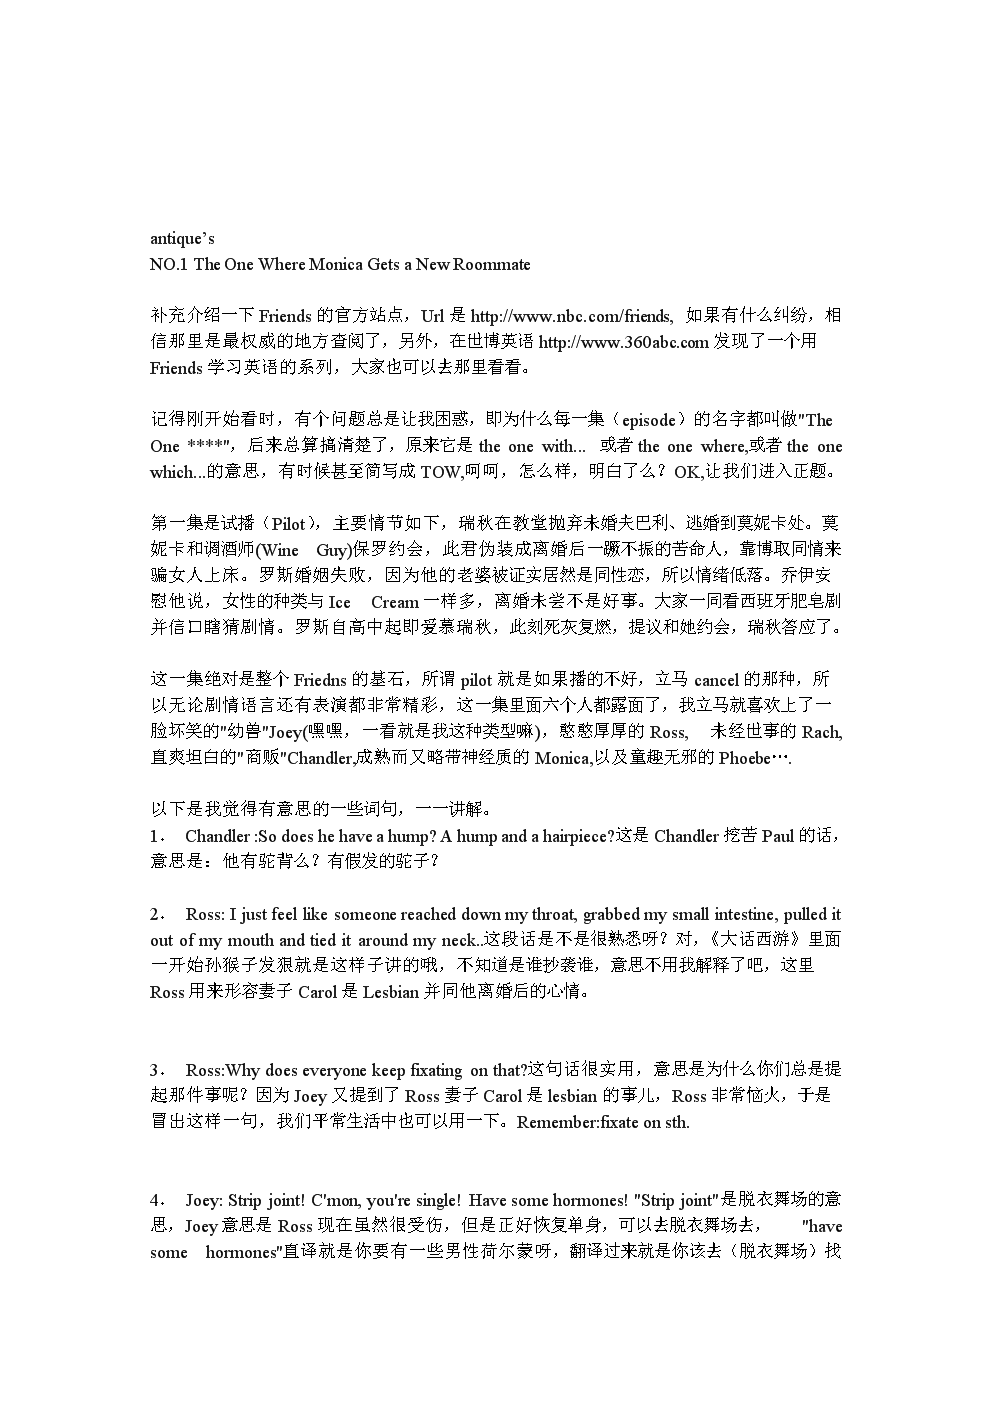 老友记,六人行脚本台词解析.doc